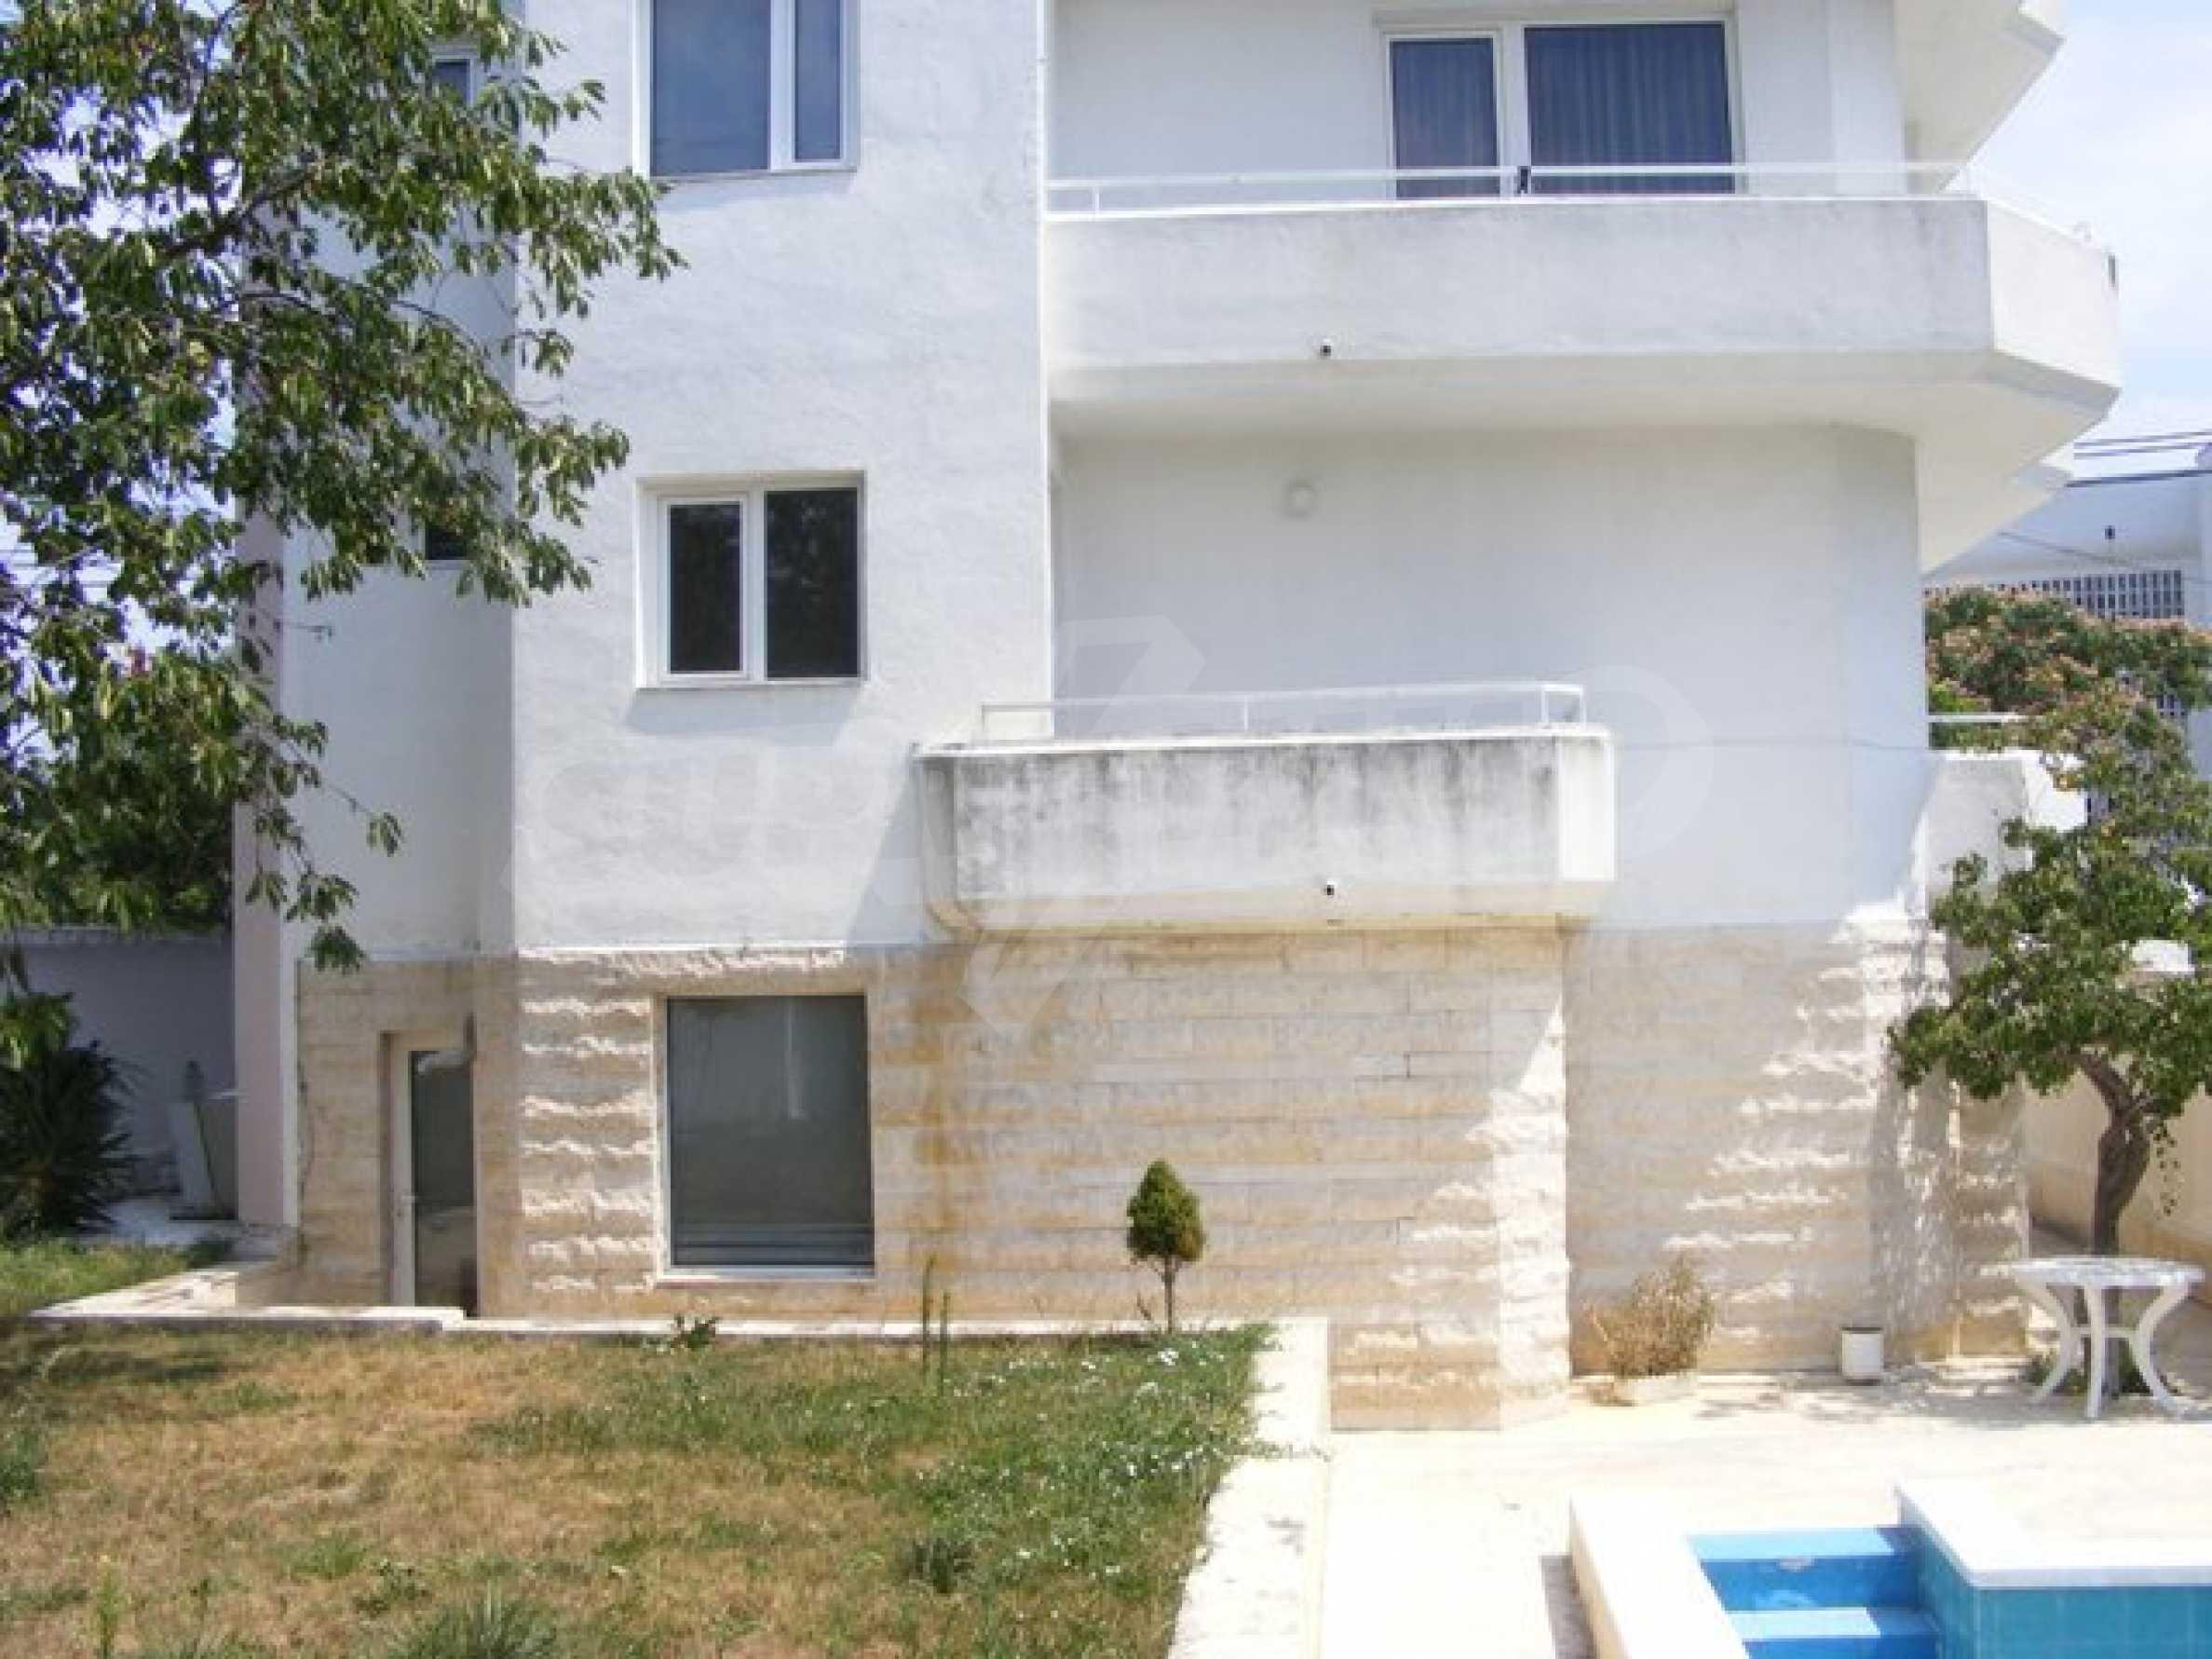 Многоэтажный дом в местности Ален Мак, г. Варна 6